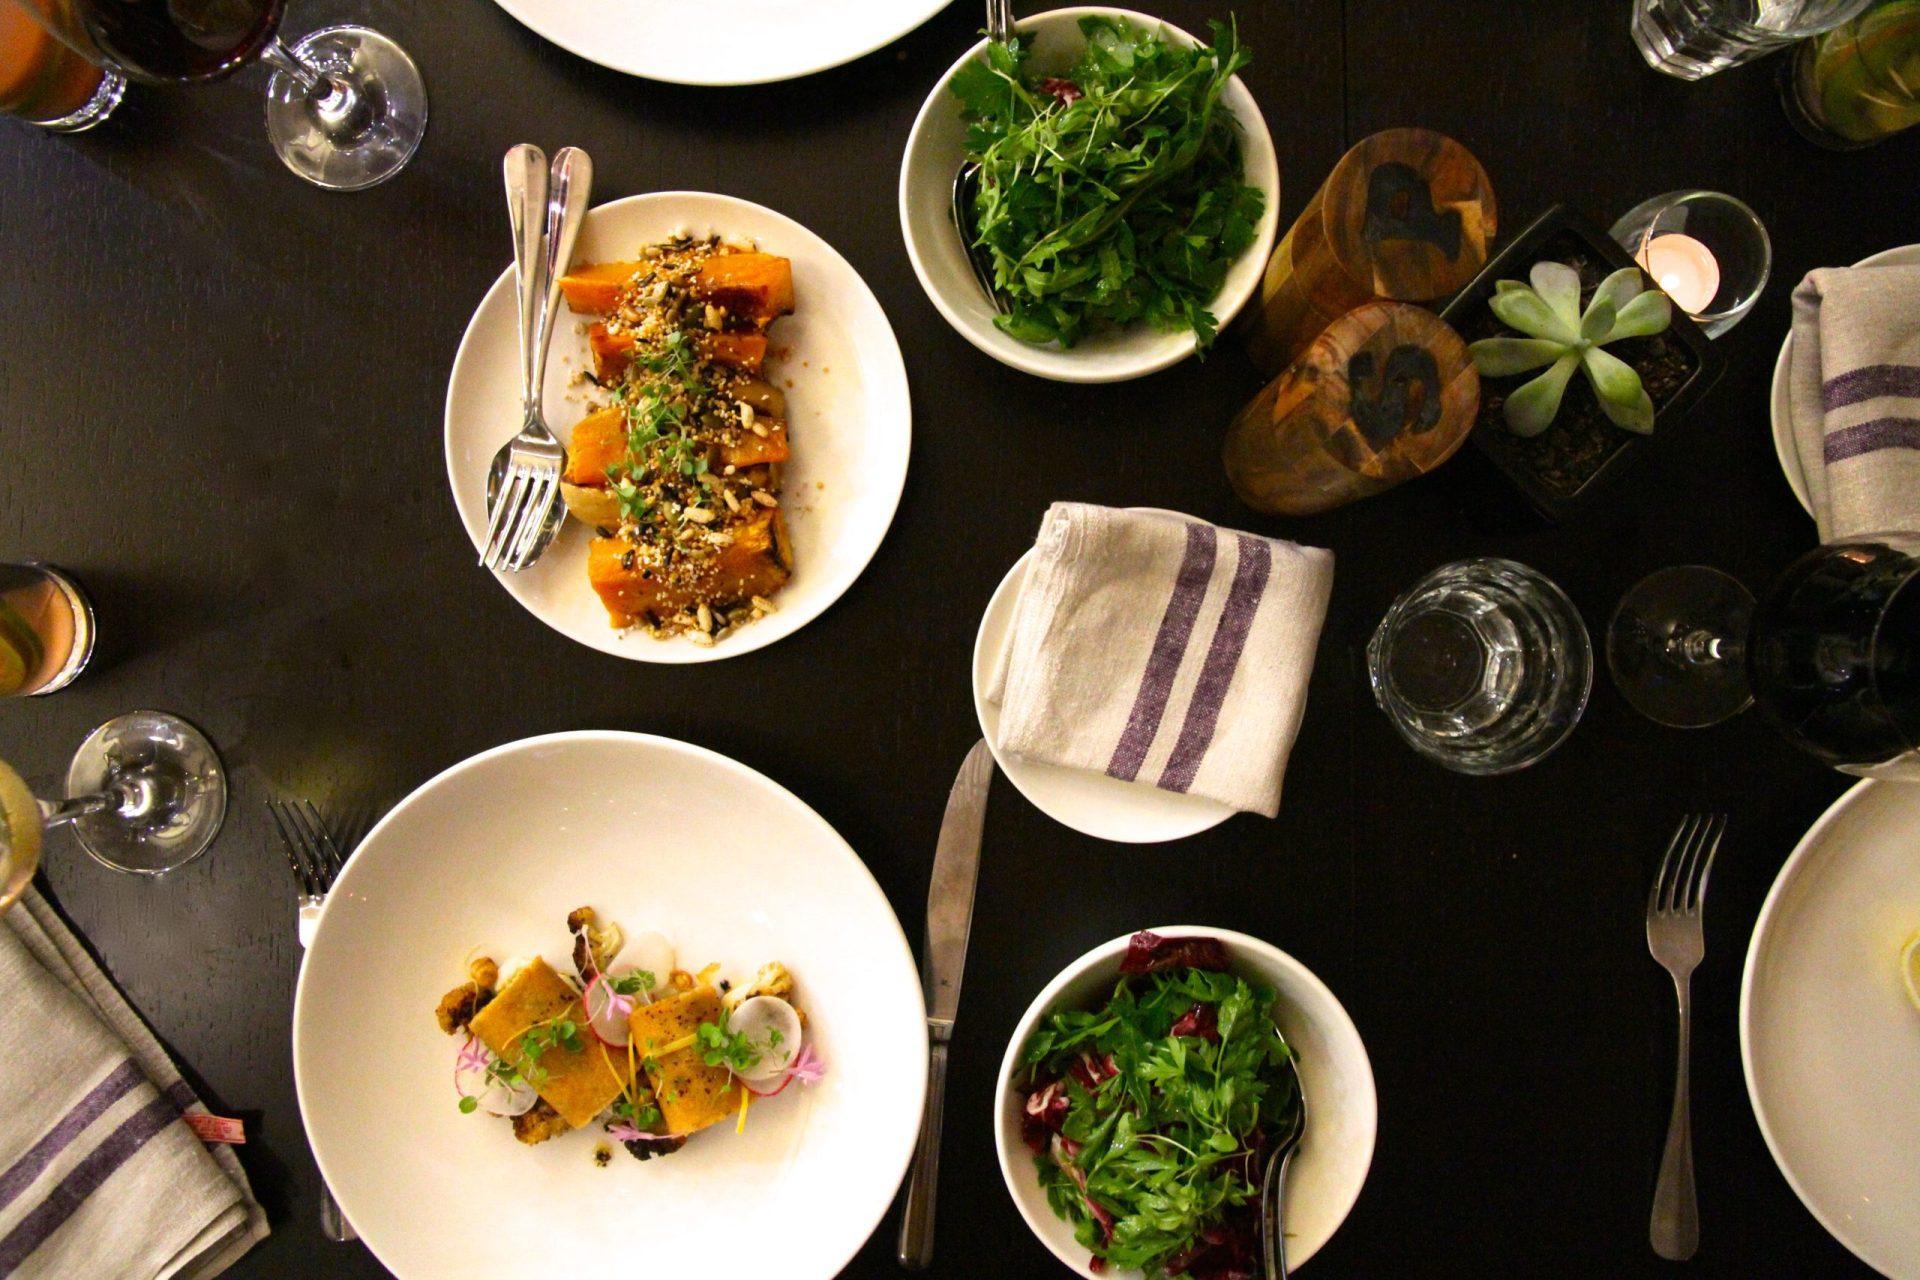 NEXT Hotel - Lennons restaurant dinner